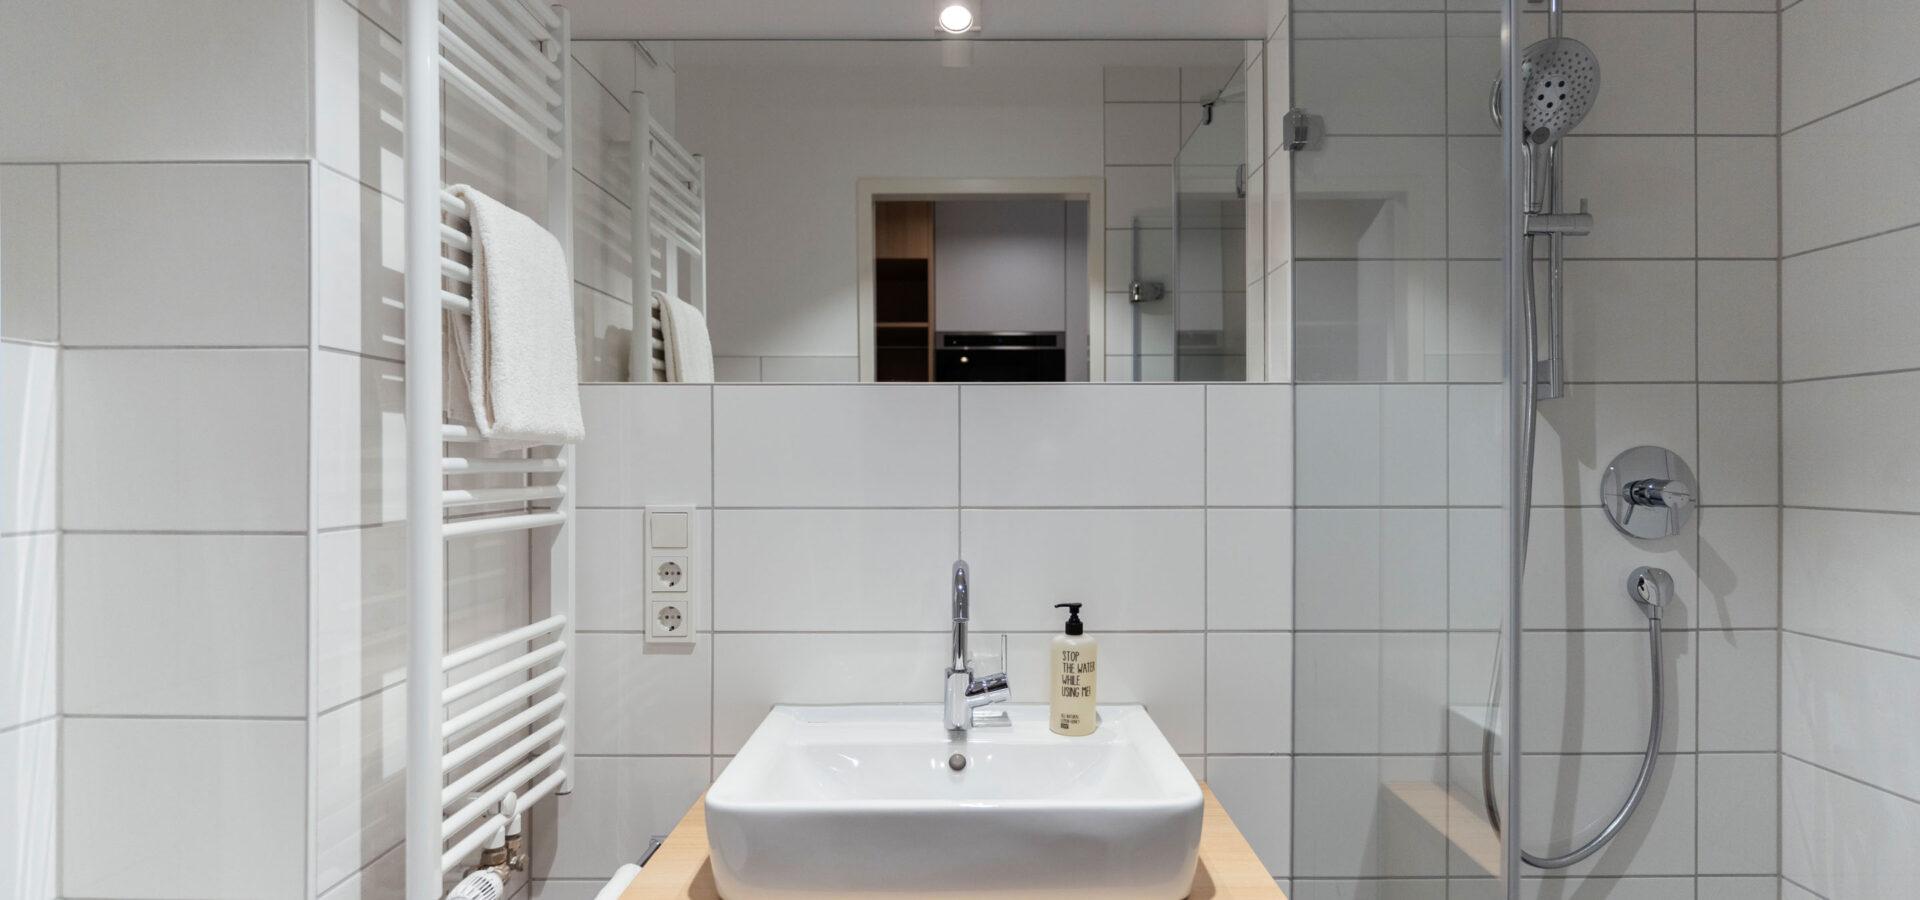 SMALL Zimmer im Koncept Hotel Neue Horizonte in Tübingen Cyber Valley